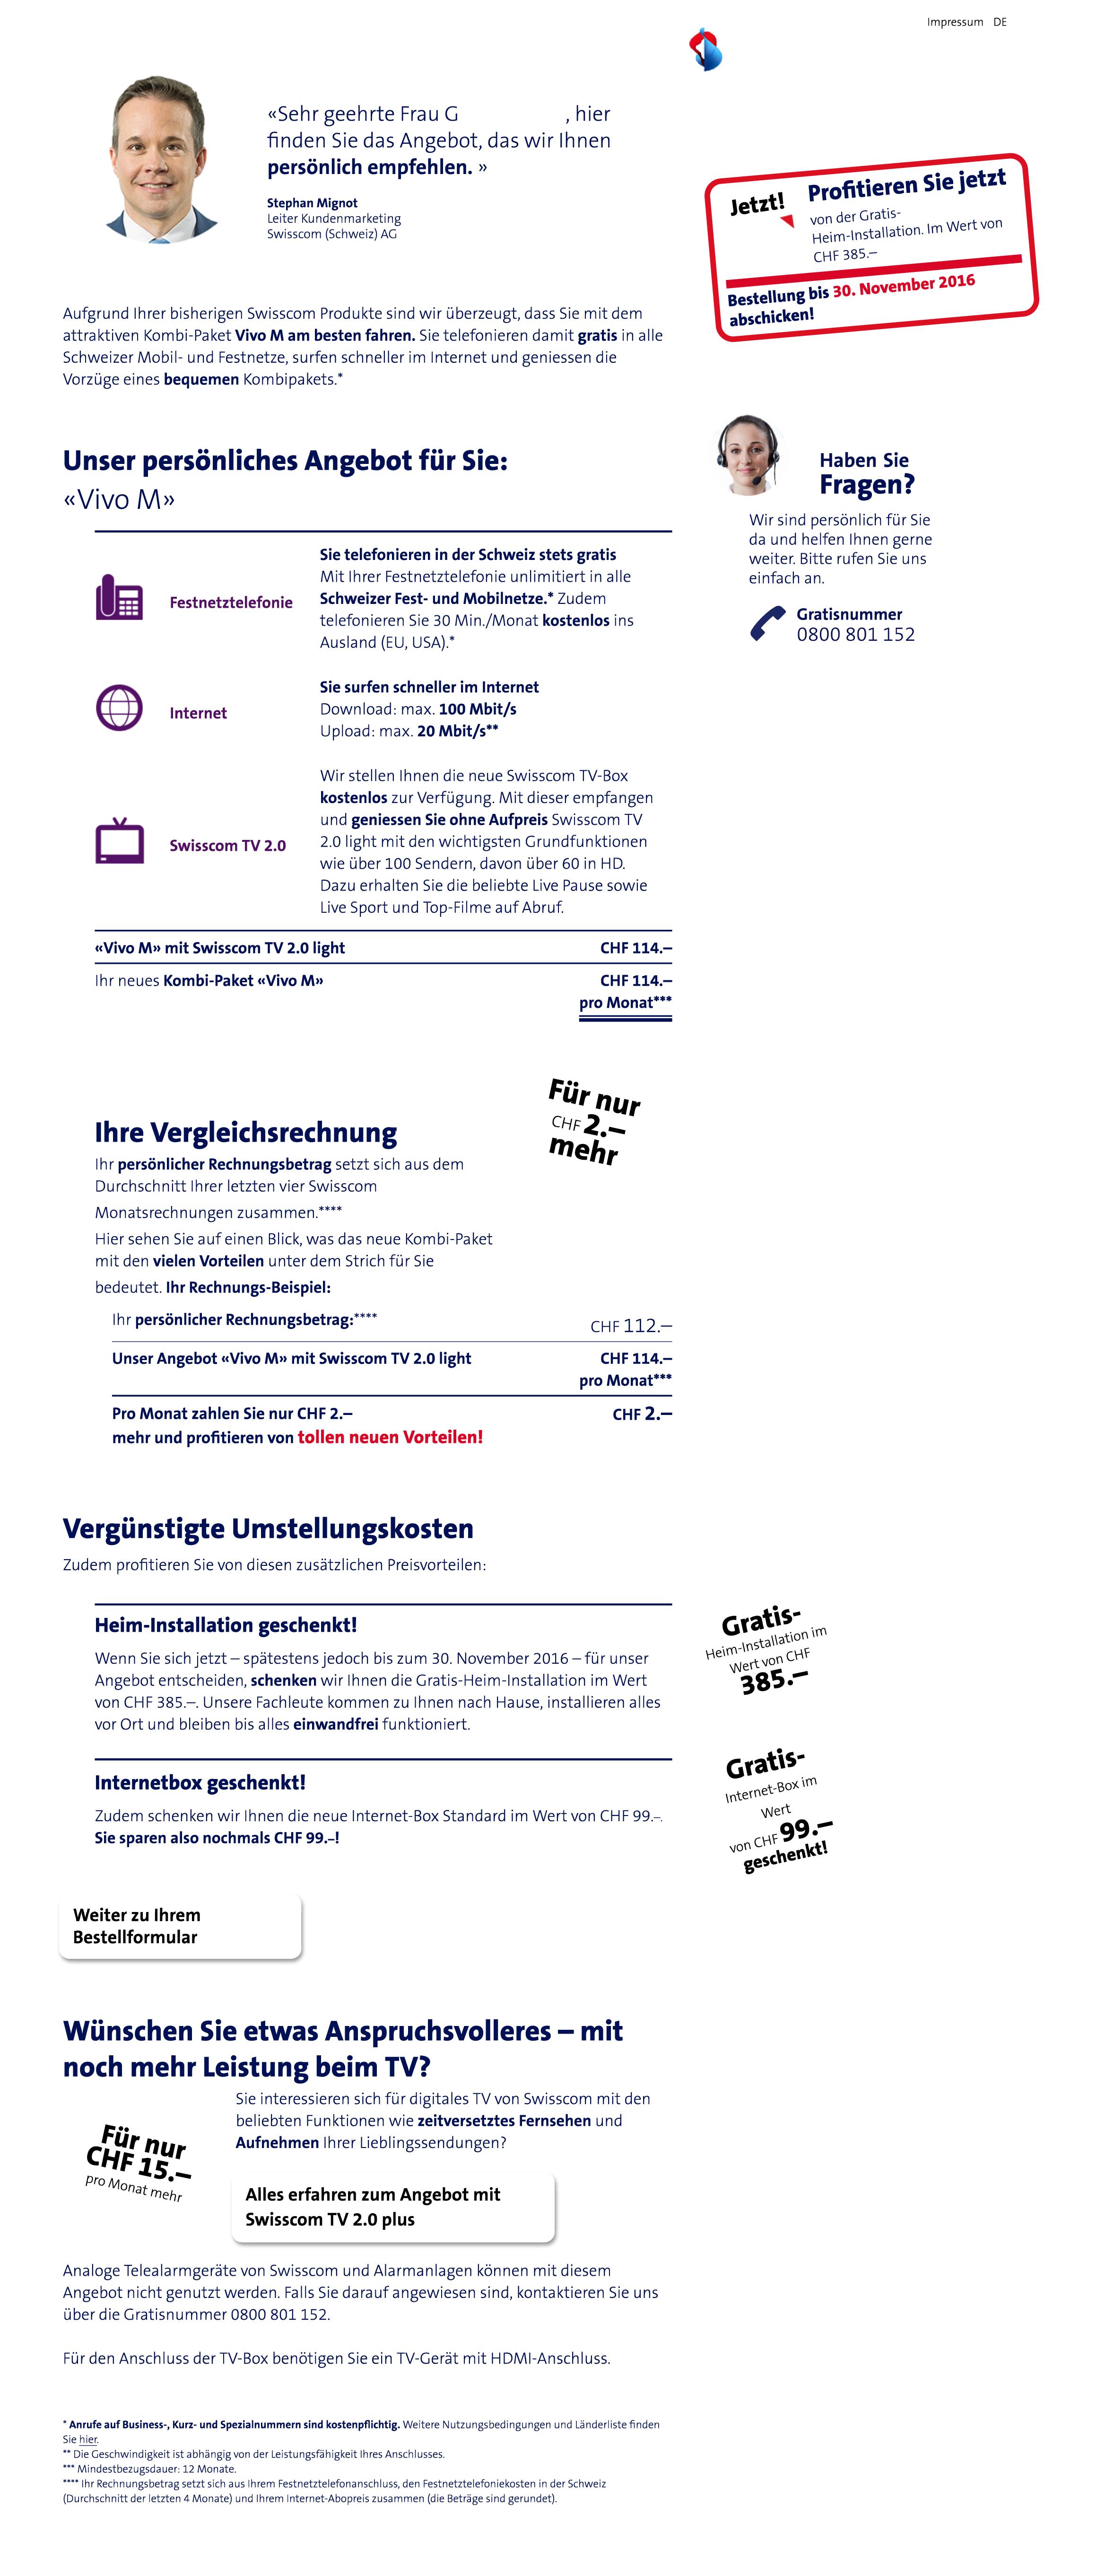 Unser Angebot auf der für uns entwickelten Webseite zur Ablösung von ISDN